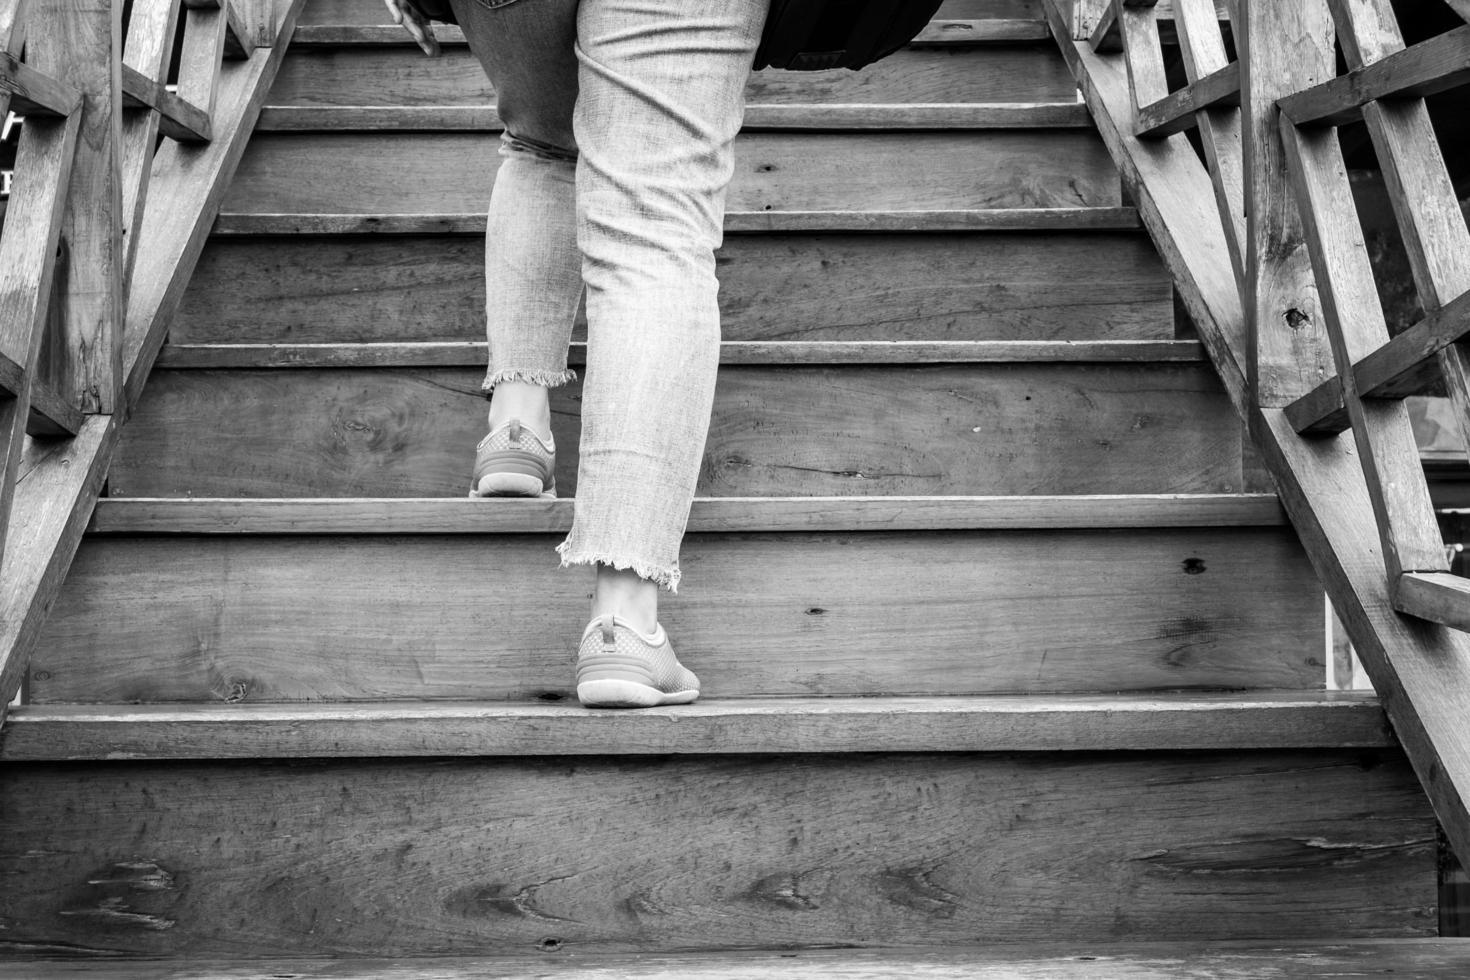 mujer caminando por las escaleras foto